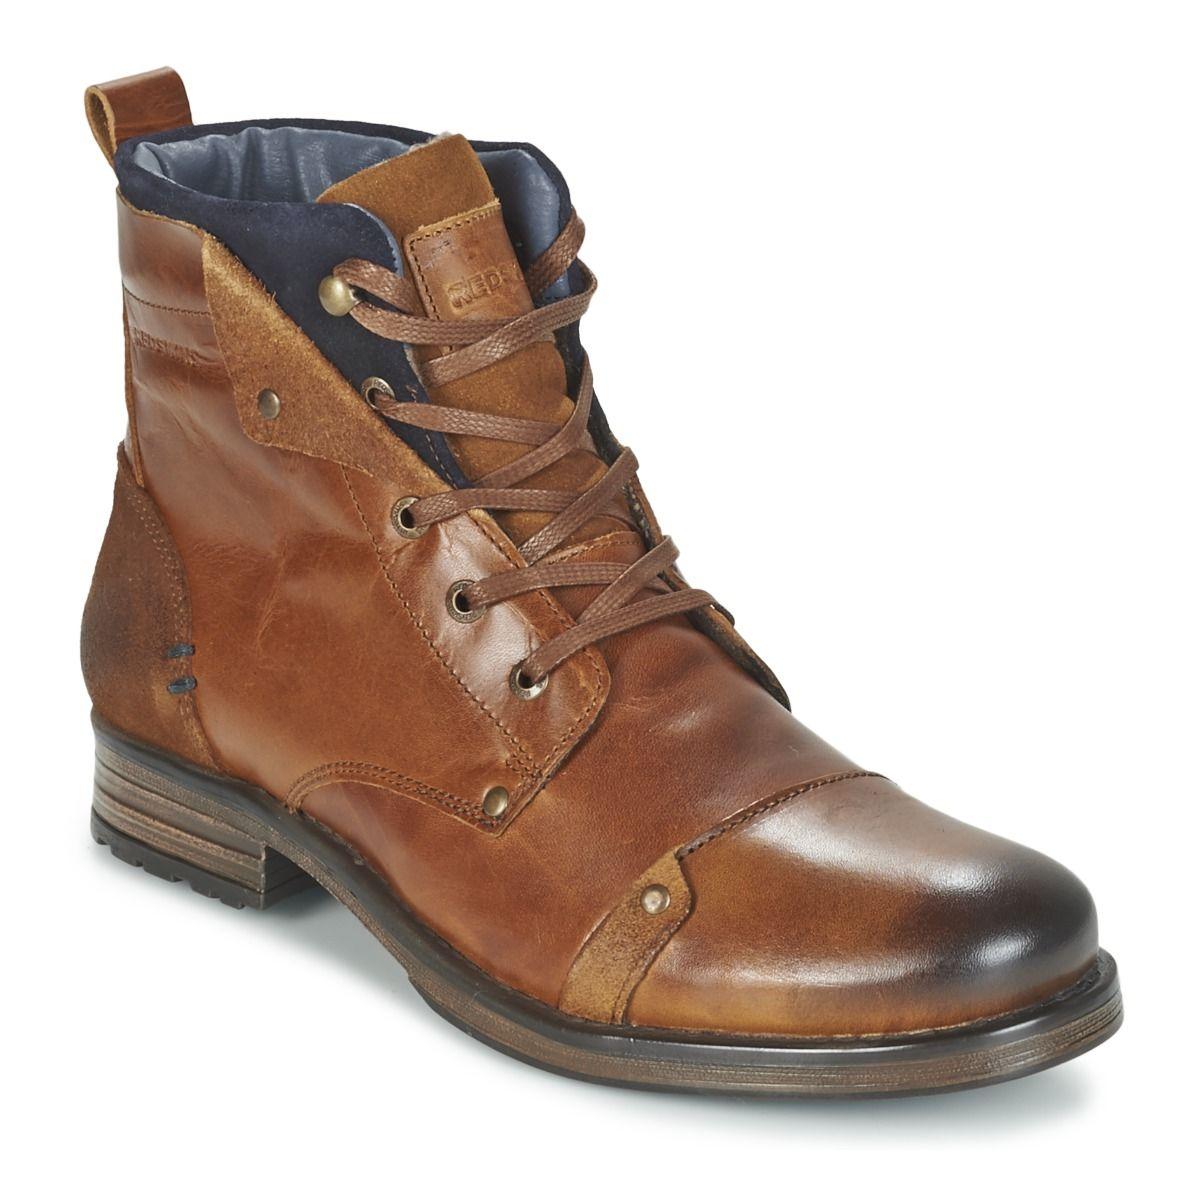 Chaussures à lacets Redskins marron Casual homme Réduction De 100% Garanti Vente Recommander Vente Pas Cher En Ligne Acheter Pas Cher Grande Vente by0MZ5y